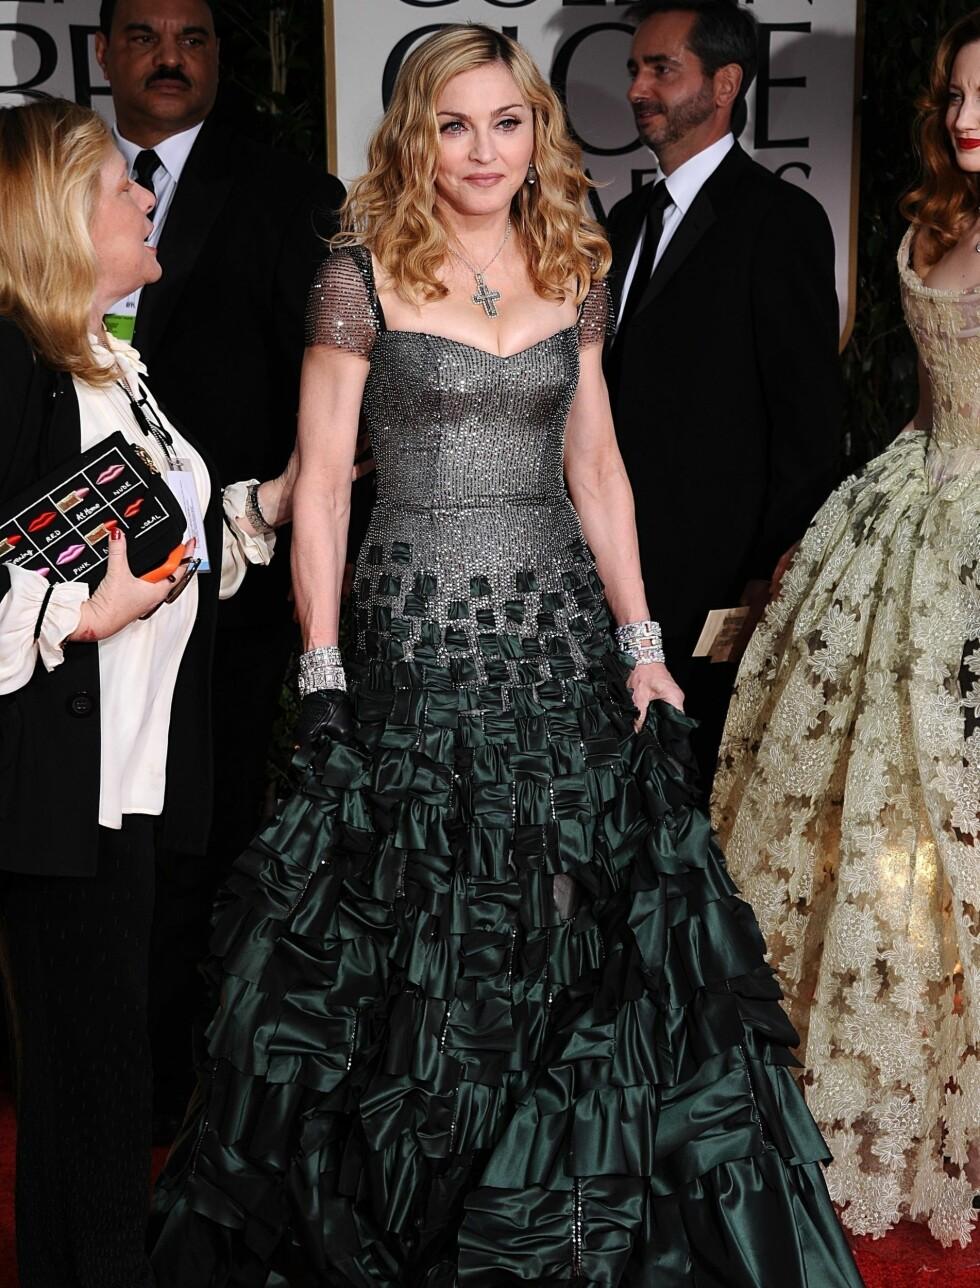 SORT OG GRØNN: Popstjernen Madonna ankom den røde løperen i en sort og grønn kjole med dyp kløft.  Foto: Stella Pictures